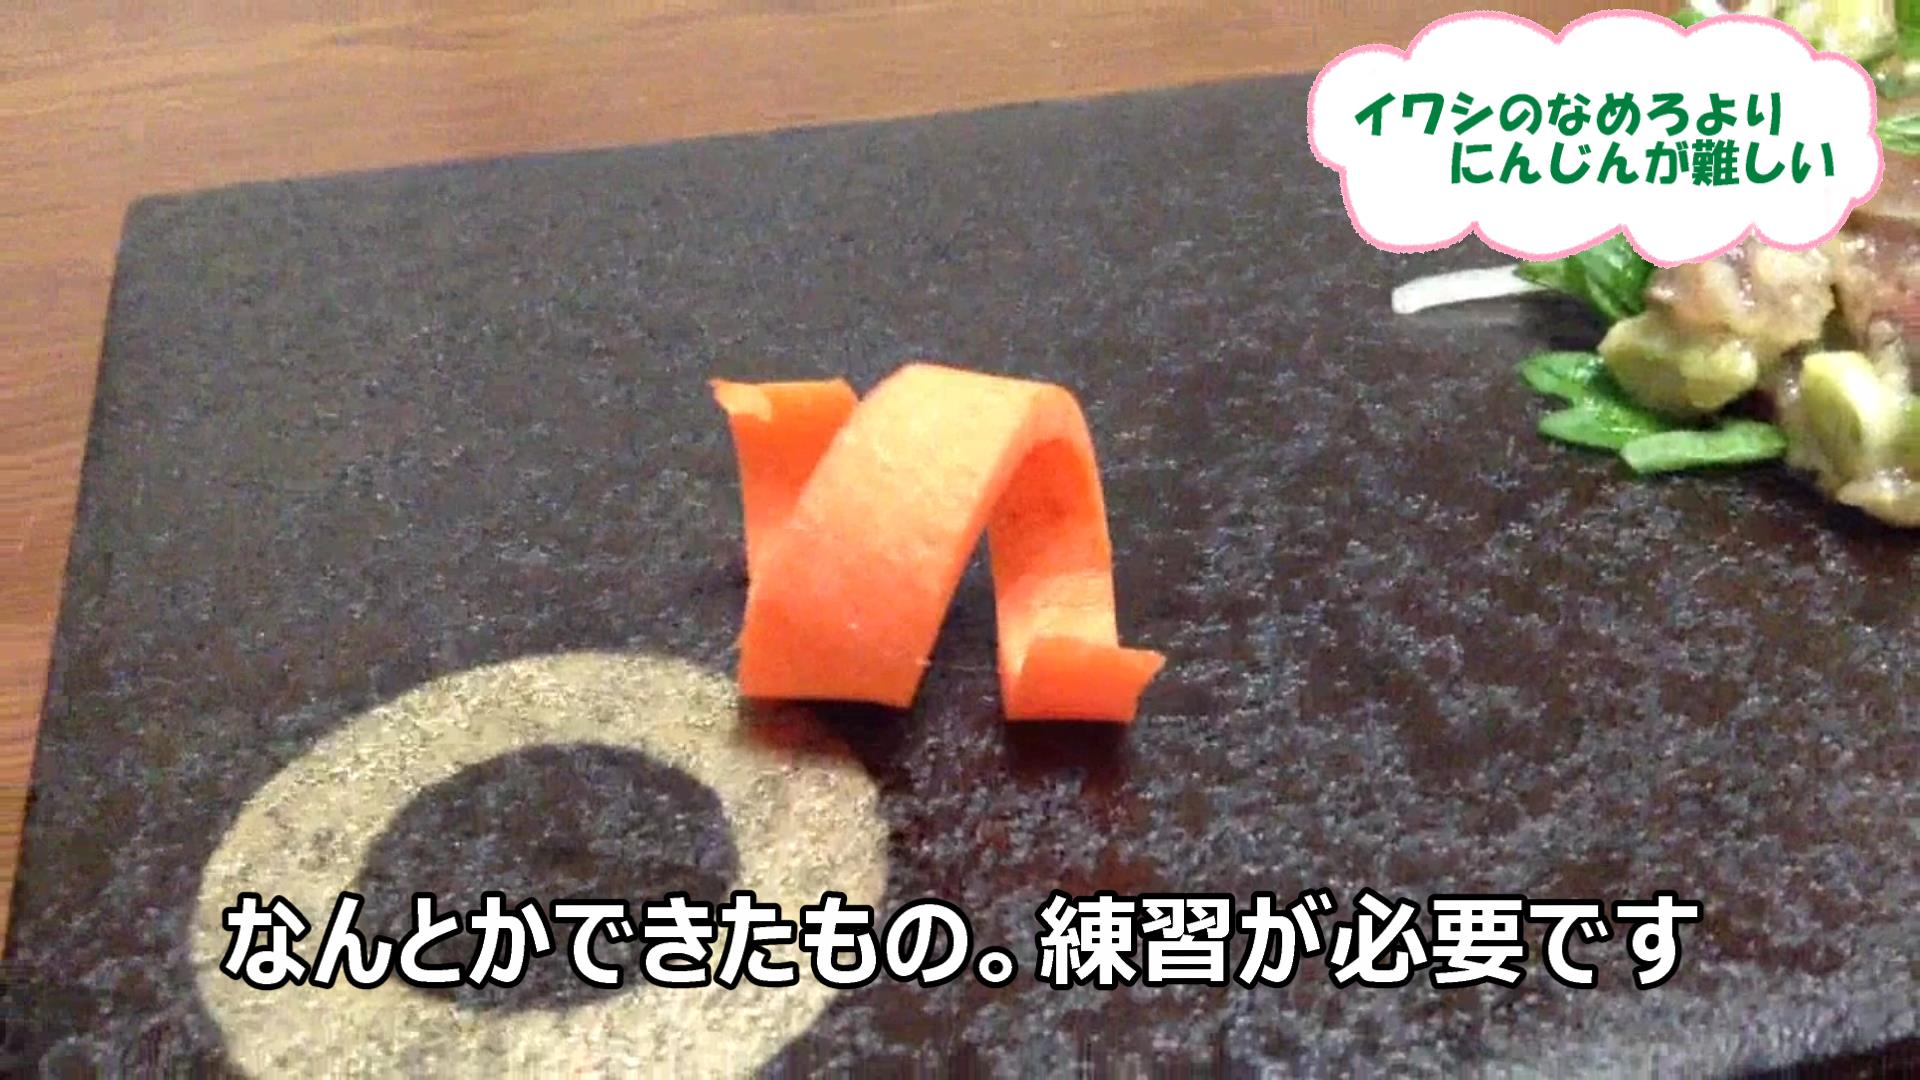 SnapShot(61).jpg